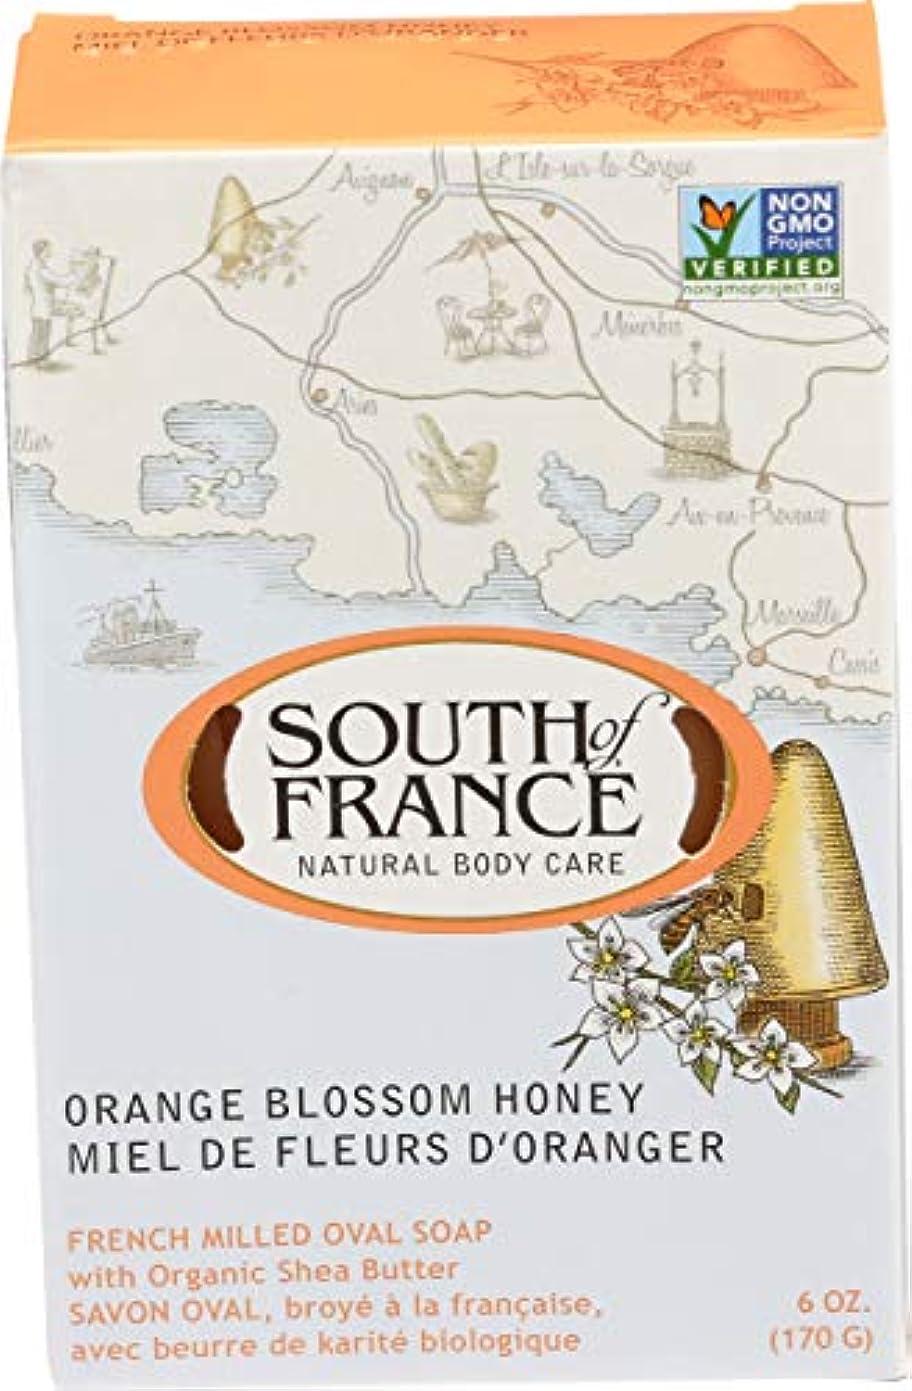 頻繁に透けて見えるエレガントSouth of France - フランスの製粉された野菜棒石鹸のオレンジ花の蜂蜜 - 6ポンド